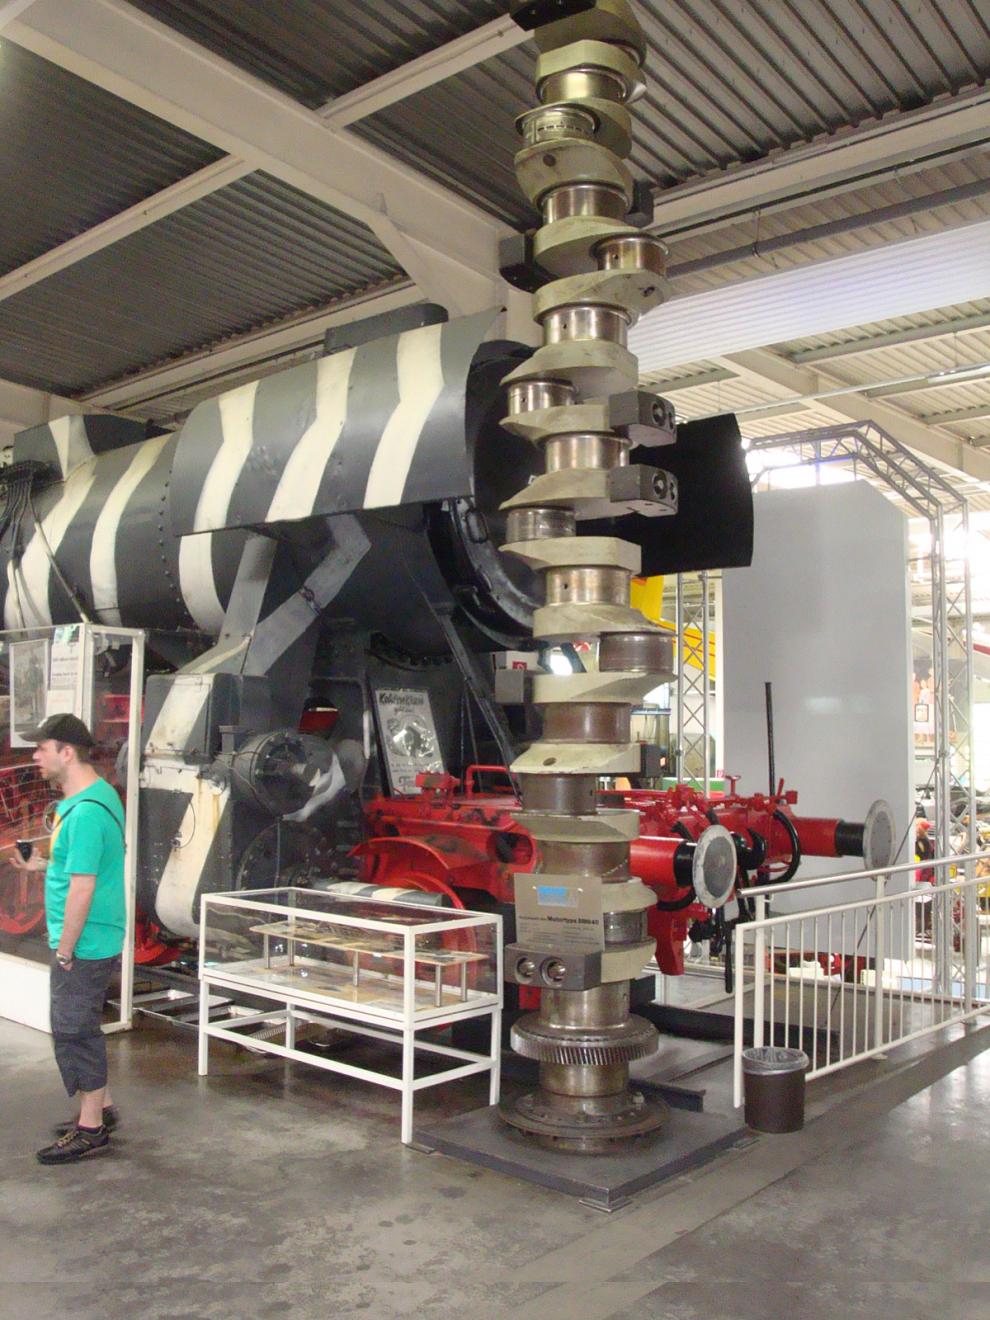 5,4 meter lång vevaxel som väger 6,9 ton. Auto & Technik Museum Sinsheim